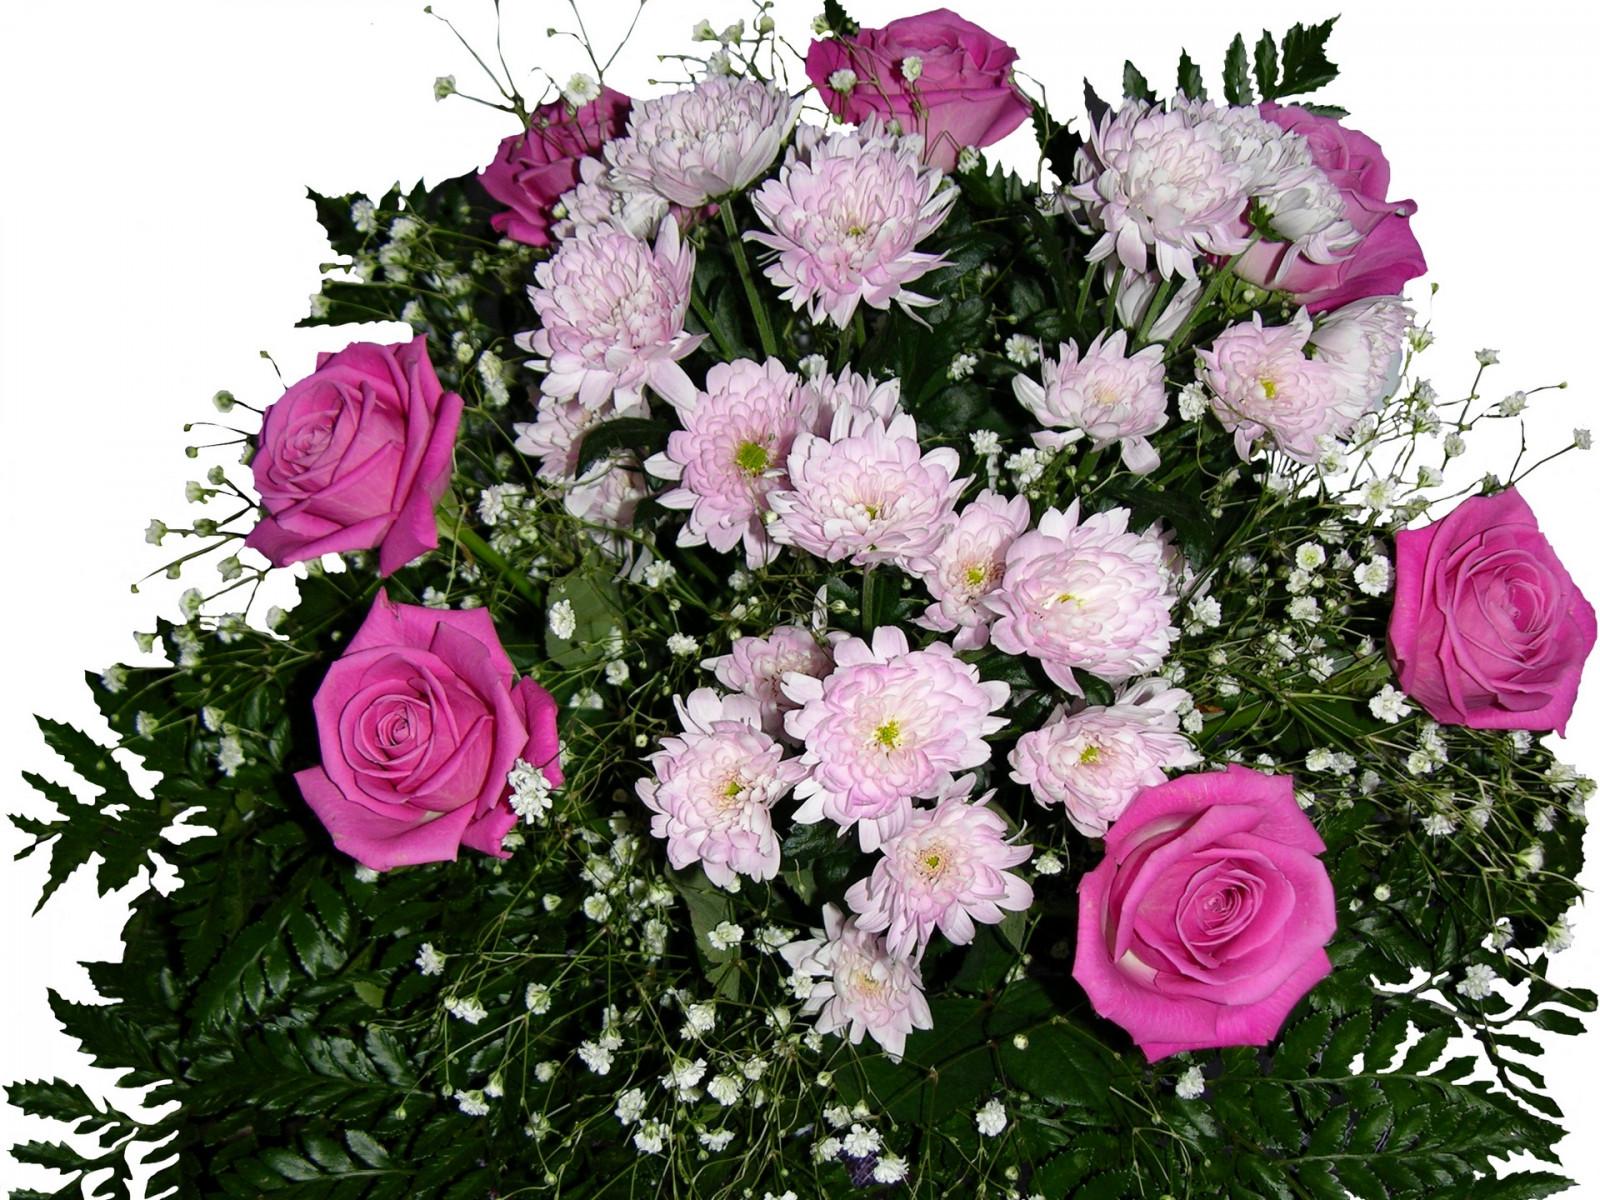 Картинка с хризантемами с днем рождения